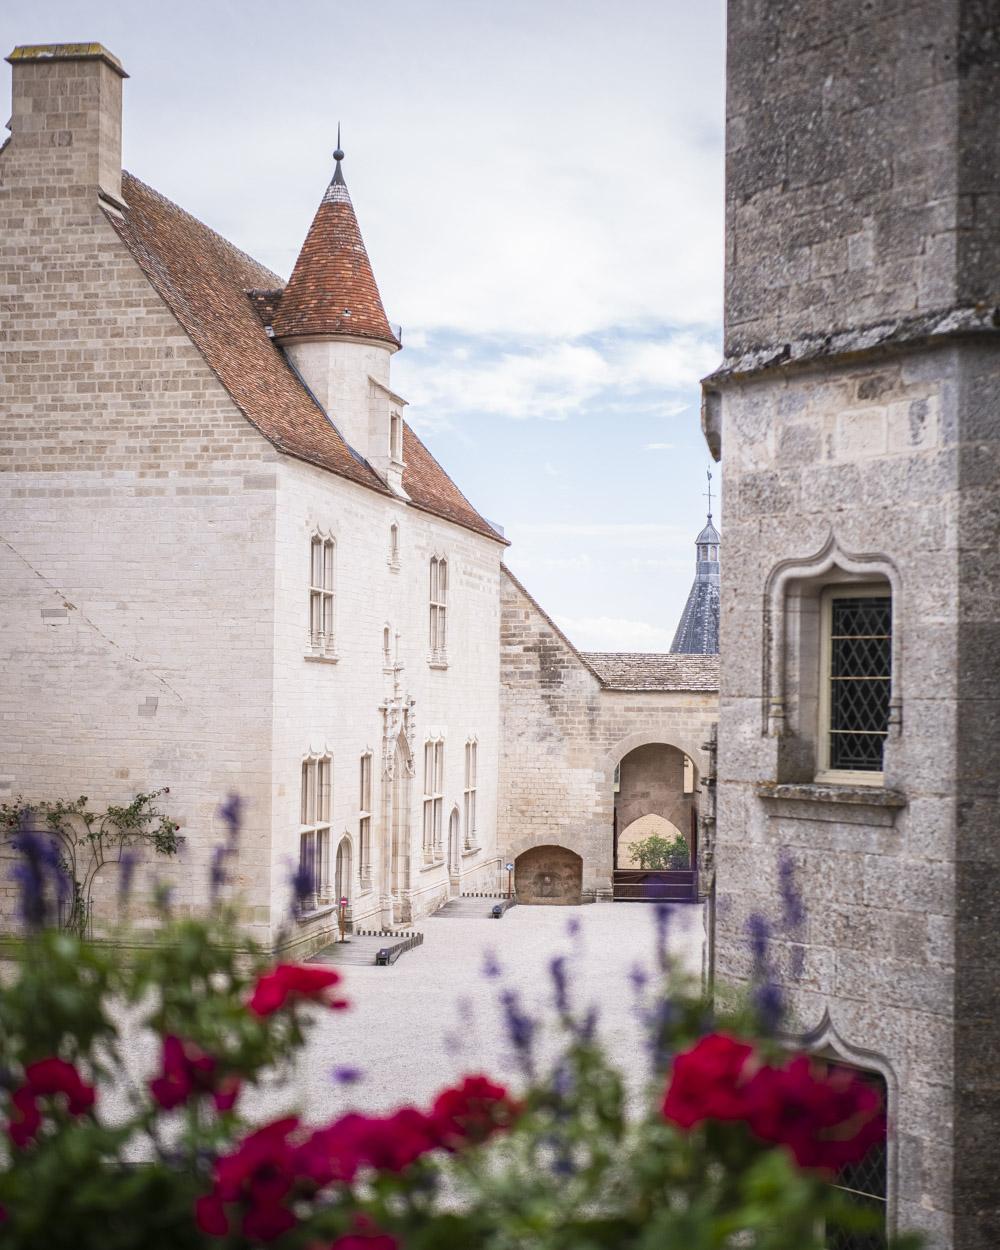 Châteauneuf château médiéval Auxois Bourgogne